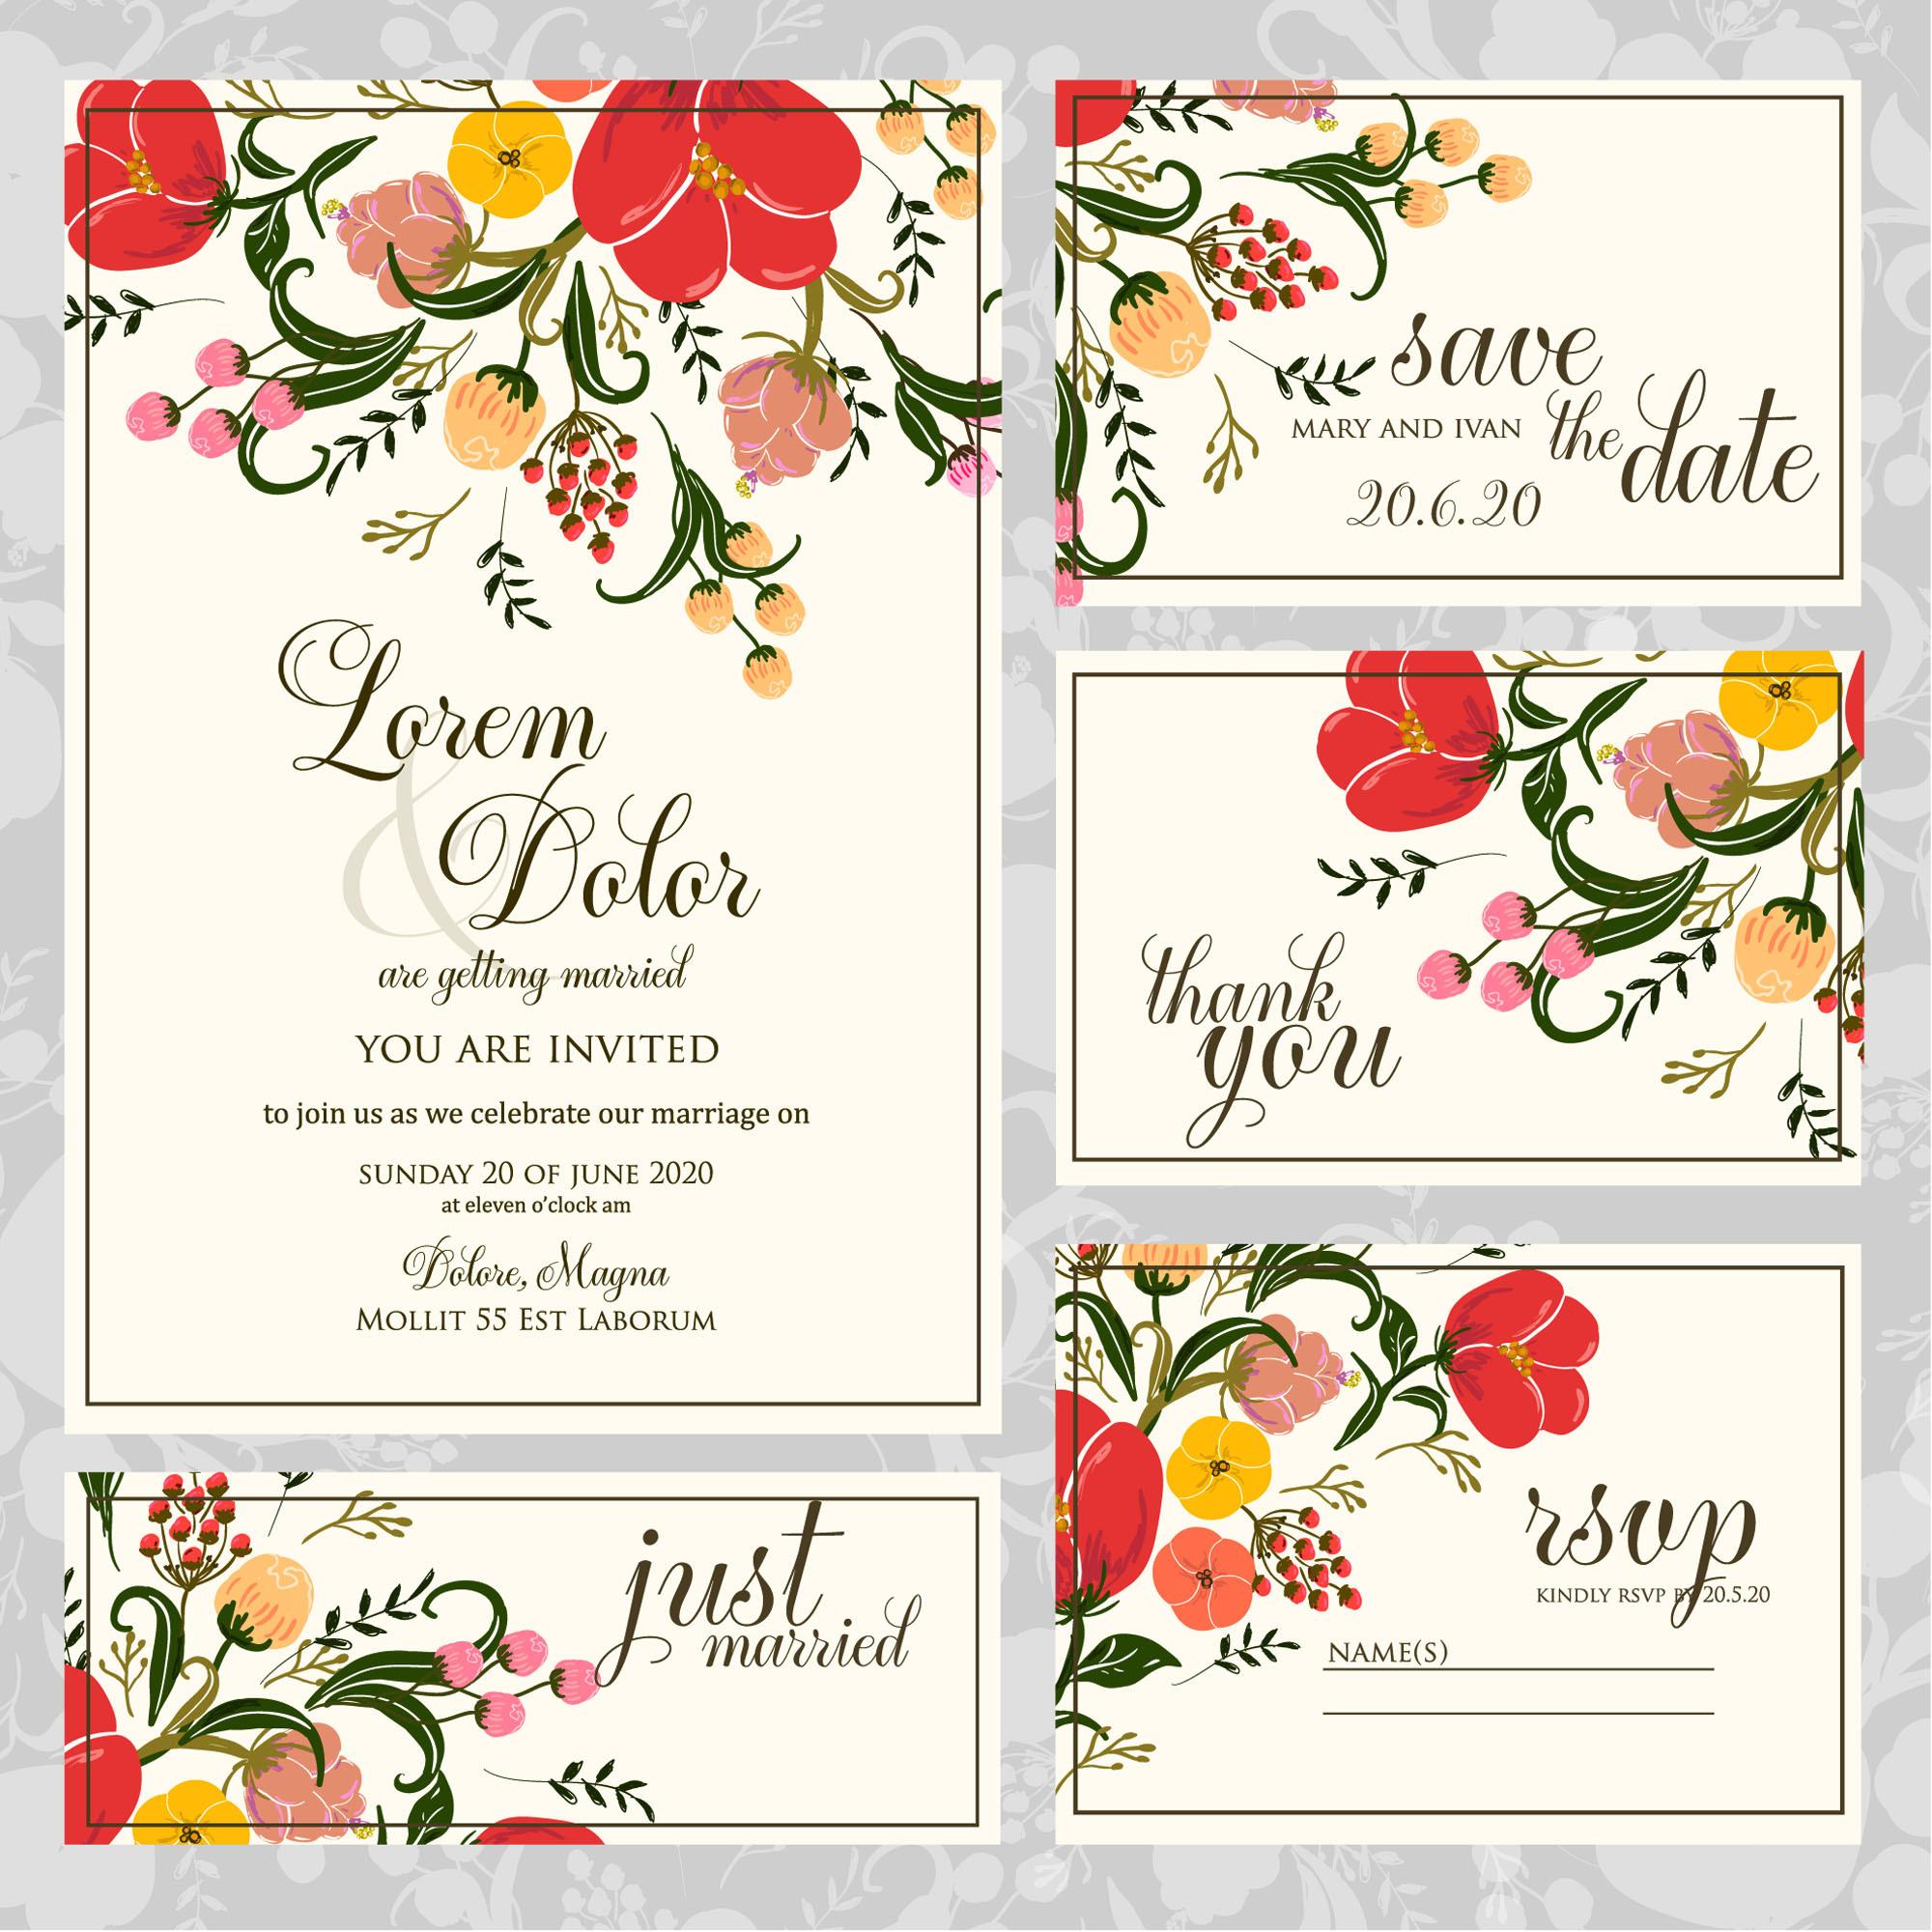 結婚式の招待状を準備する